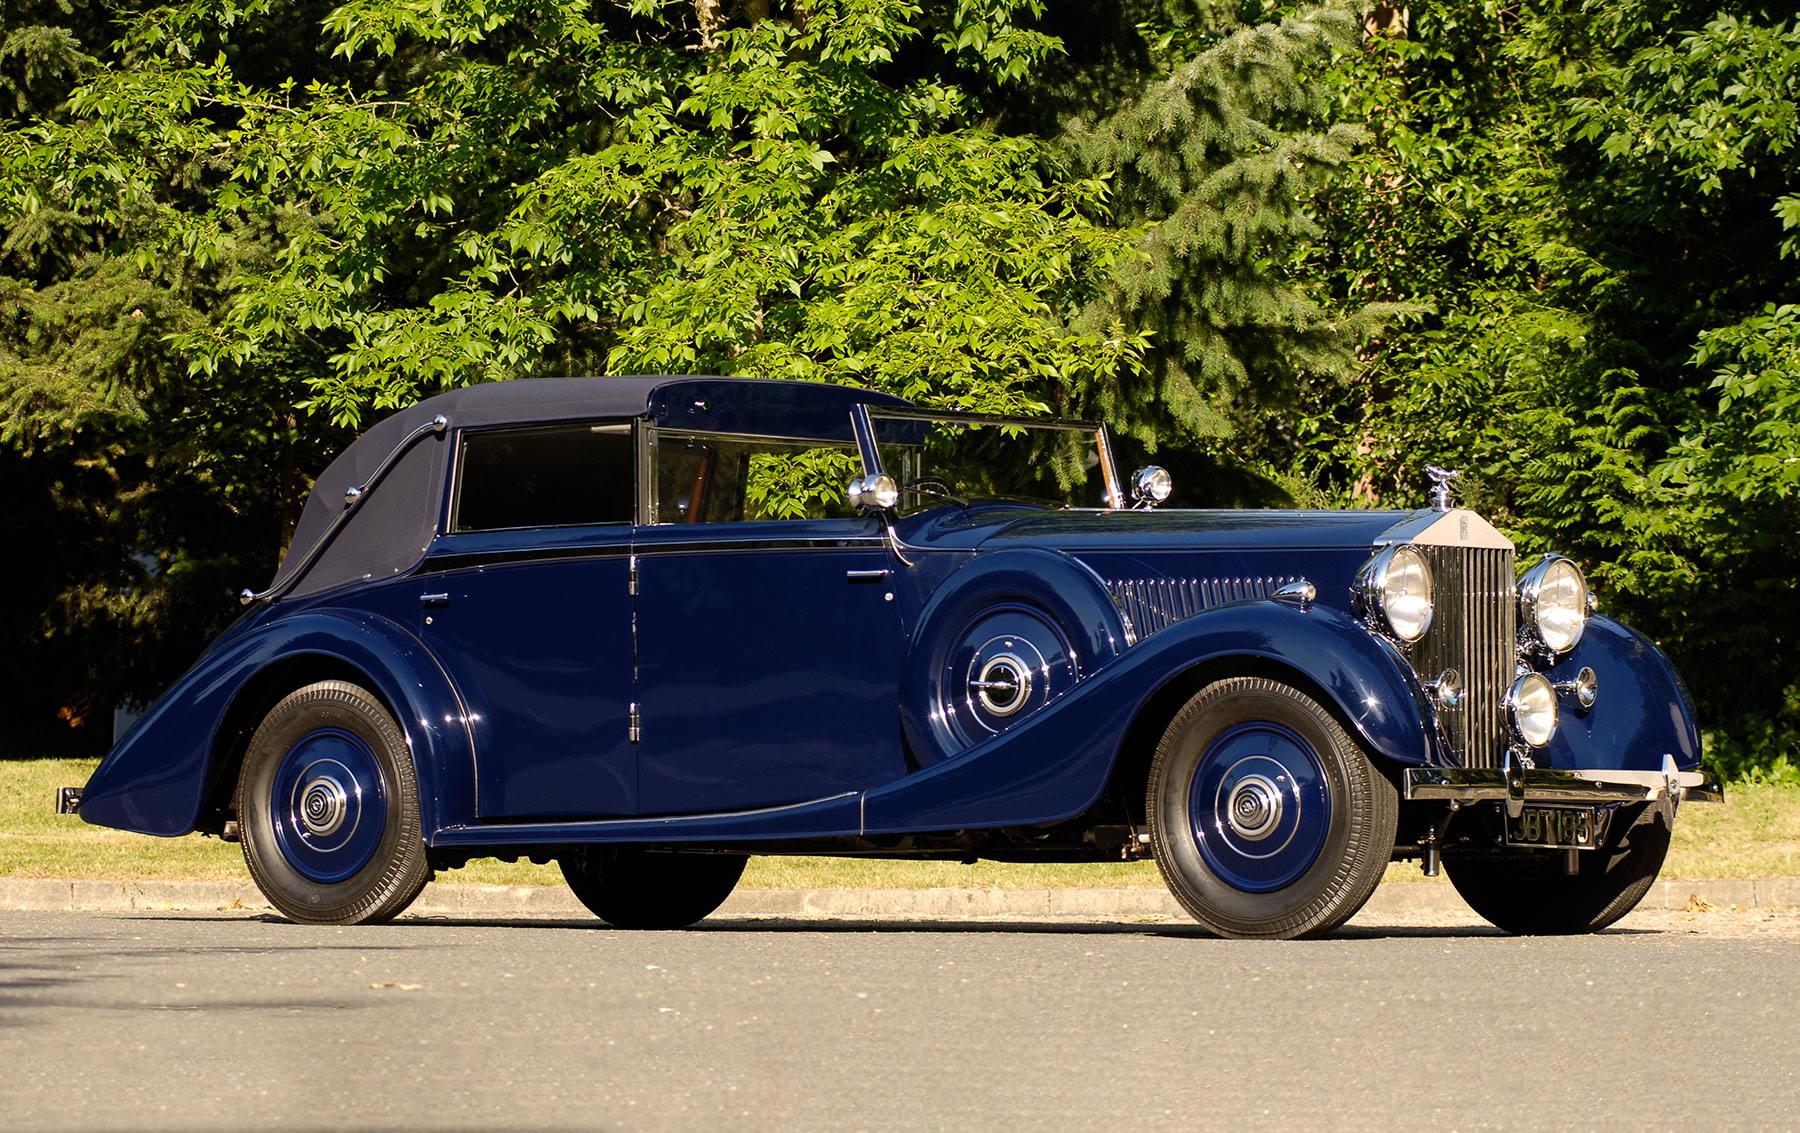 1937 Rolls-Royce Phantom III Four-Door Cabriolet